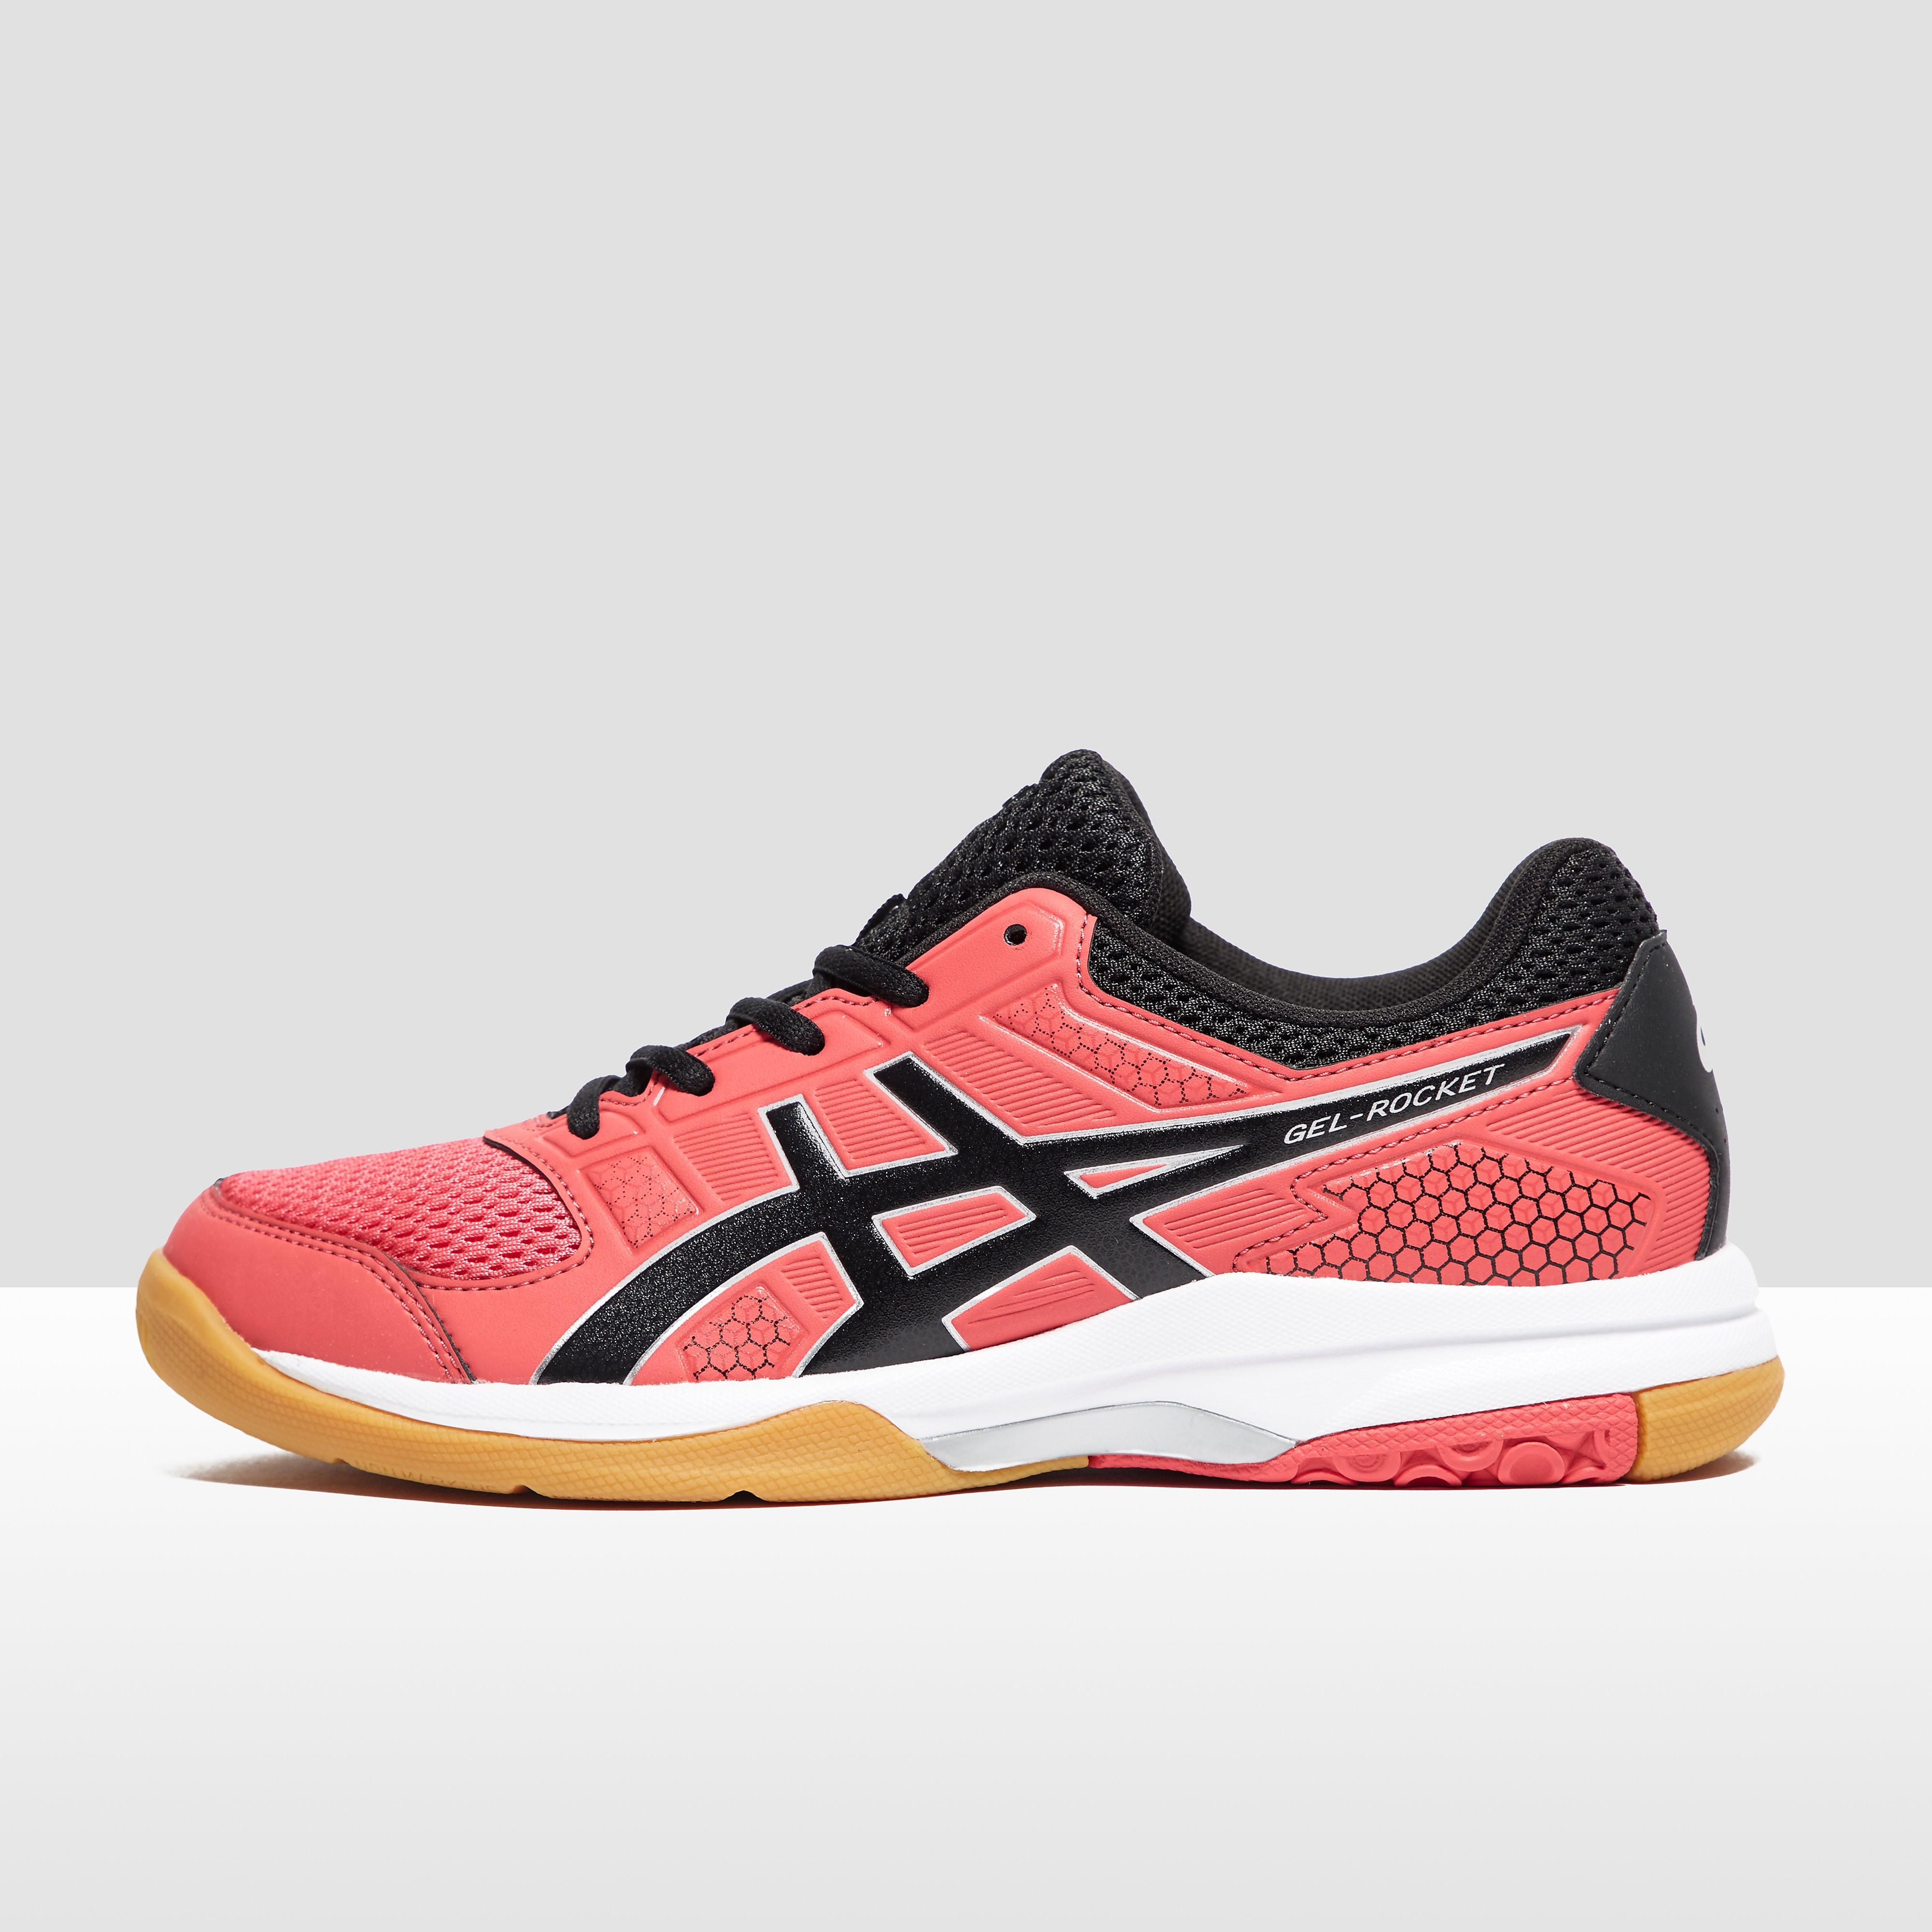 ASICS GEL-Rocket 8 Women's Indoor Shoes